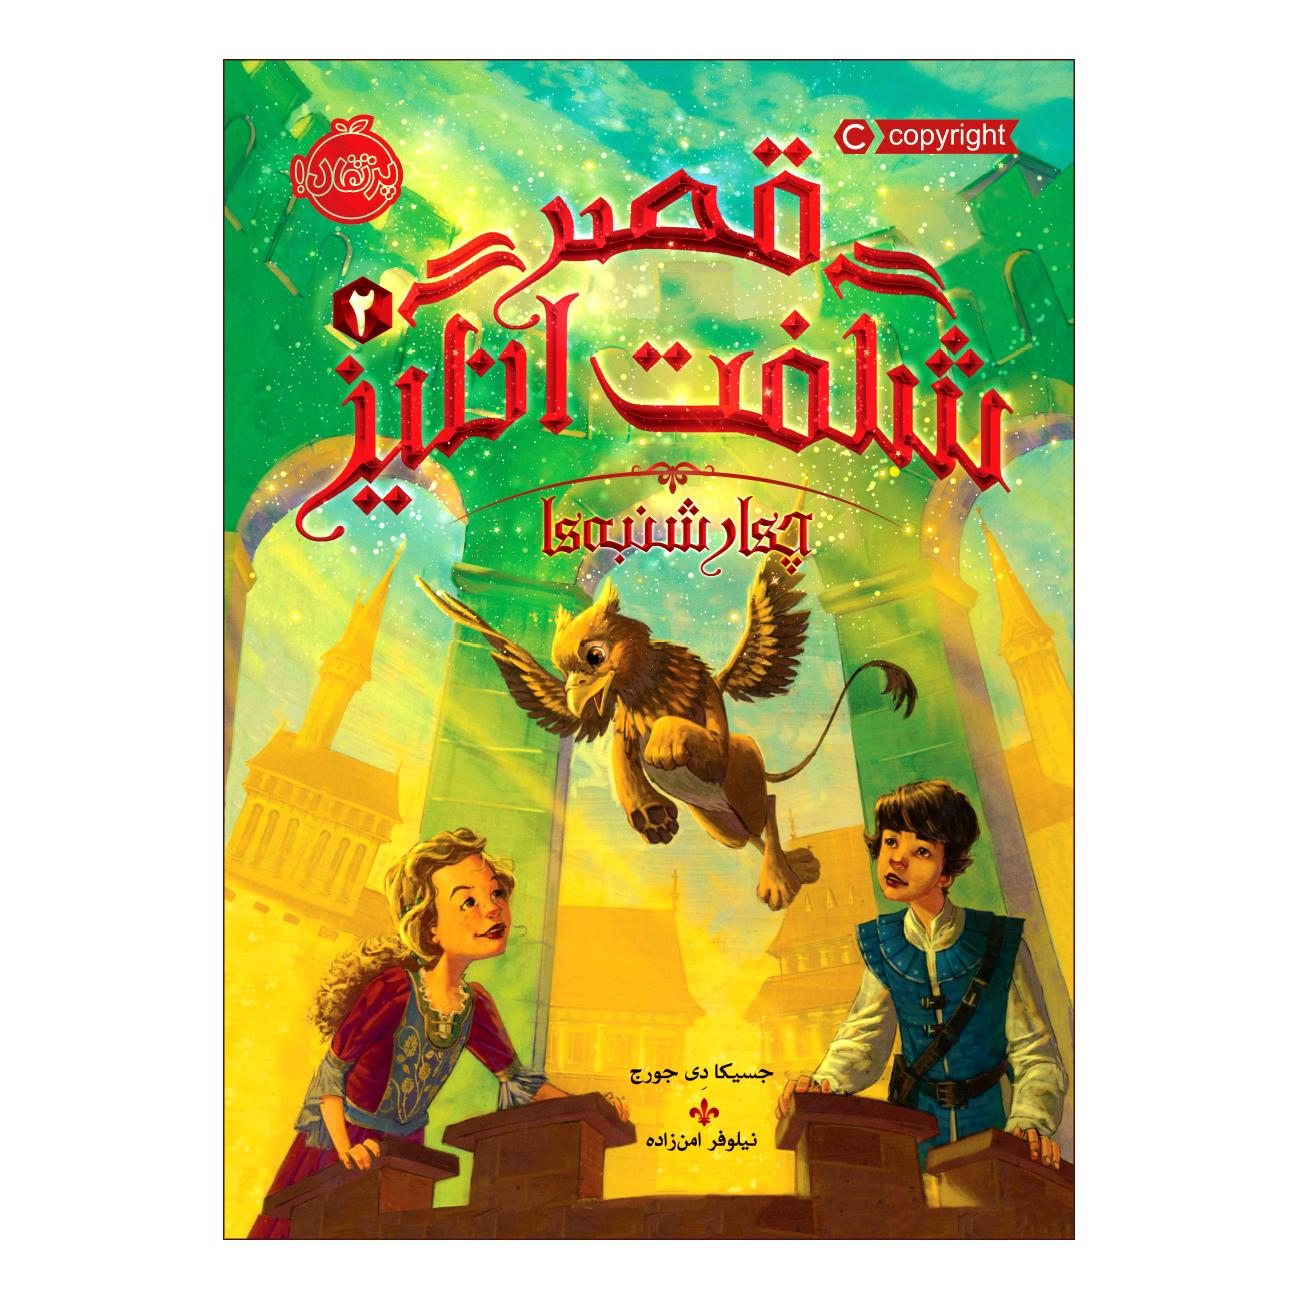 خرید                      کتاب قصر شگفت انگیز 2 چهارشنبهها اثر جسیکا دی جورج انتشارات پرتقال